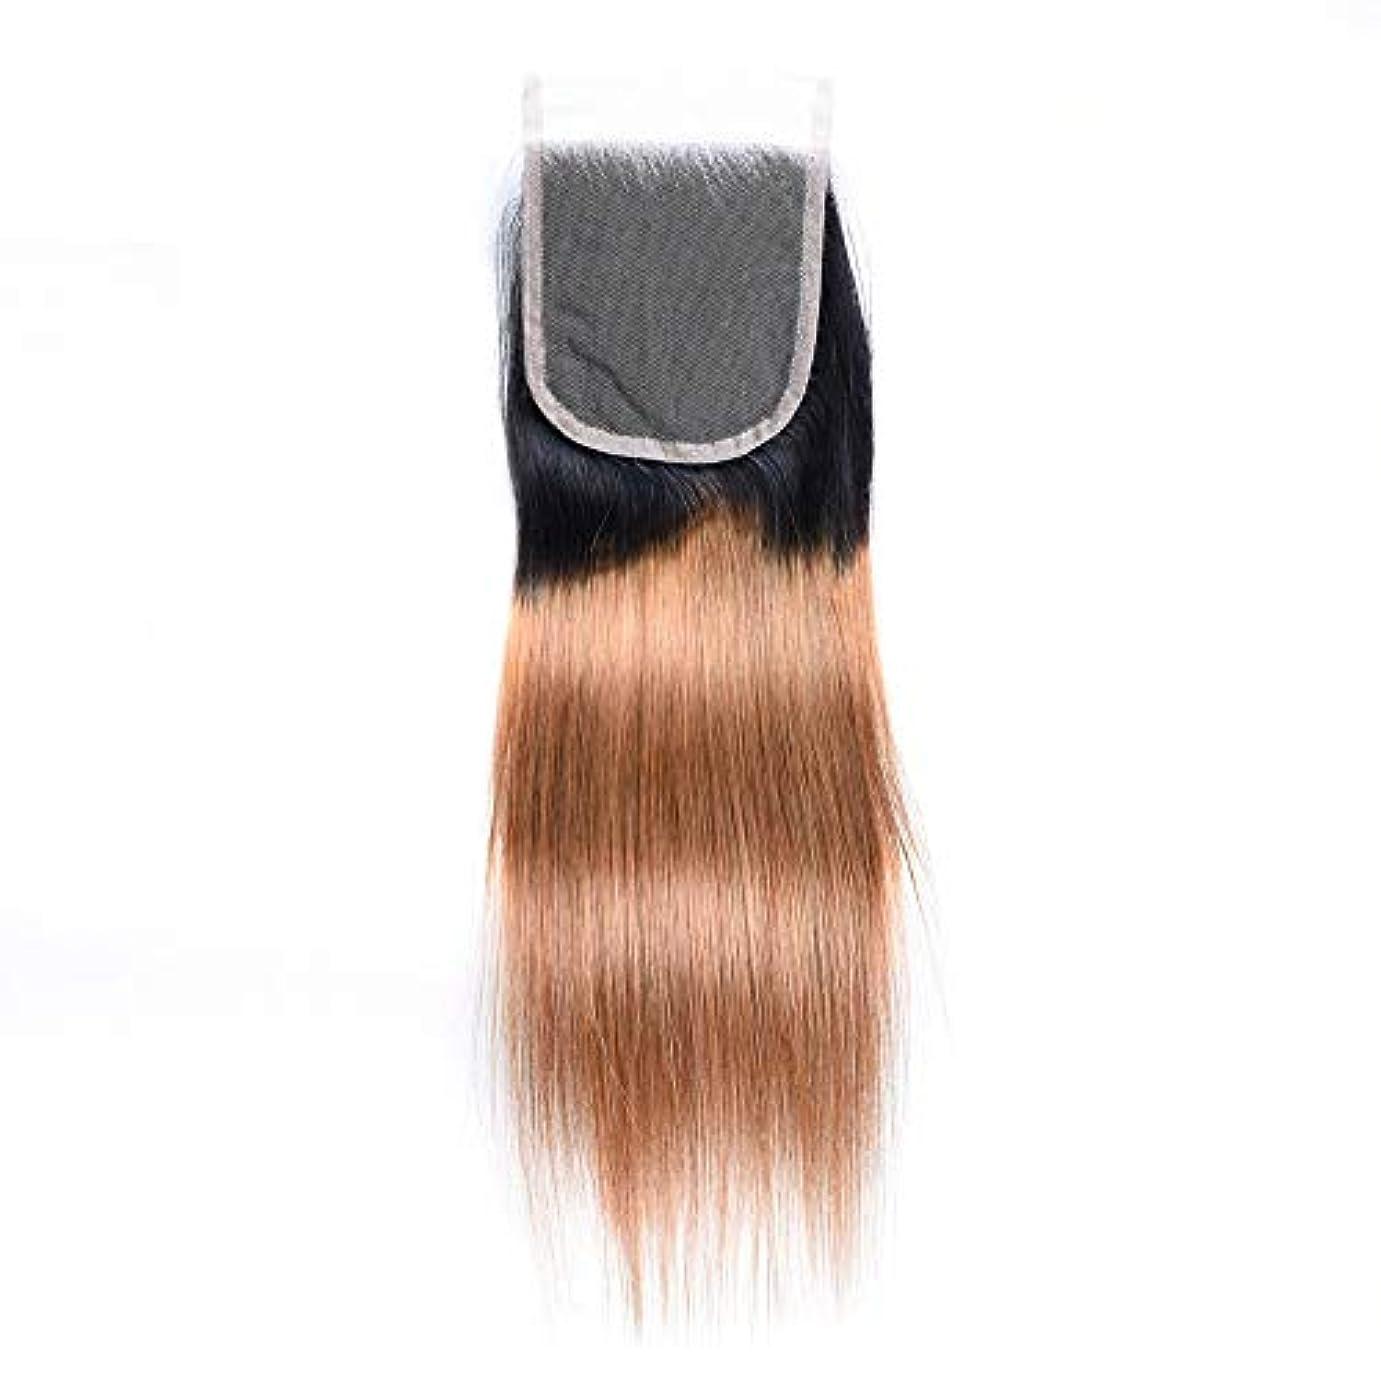 複製タイトル幻滅WASAIO 未処理のRemy人間の髪の毛のブラジルストレートトーンの色のかつら (色 : Blonde, サイズ : 14 inch)